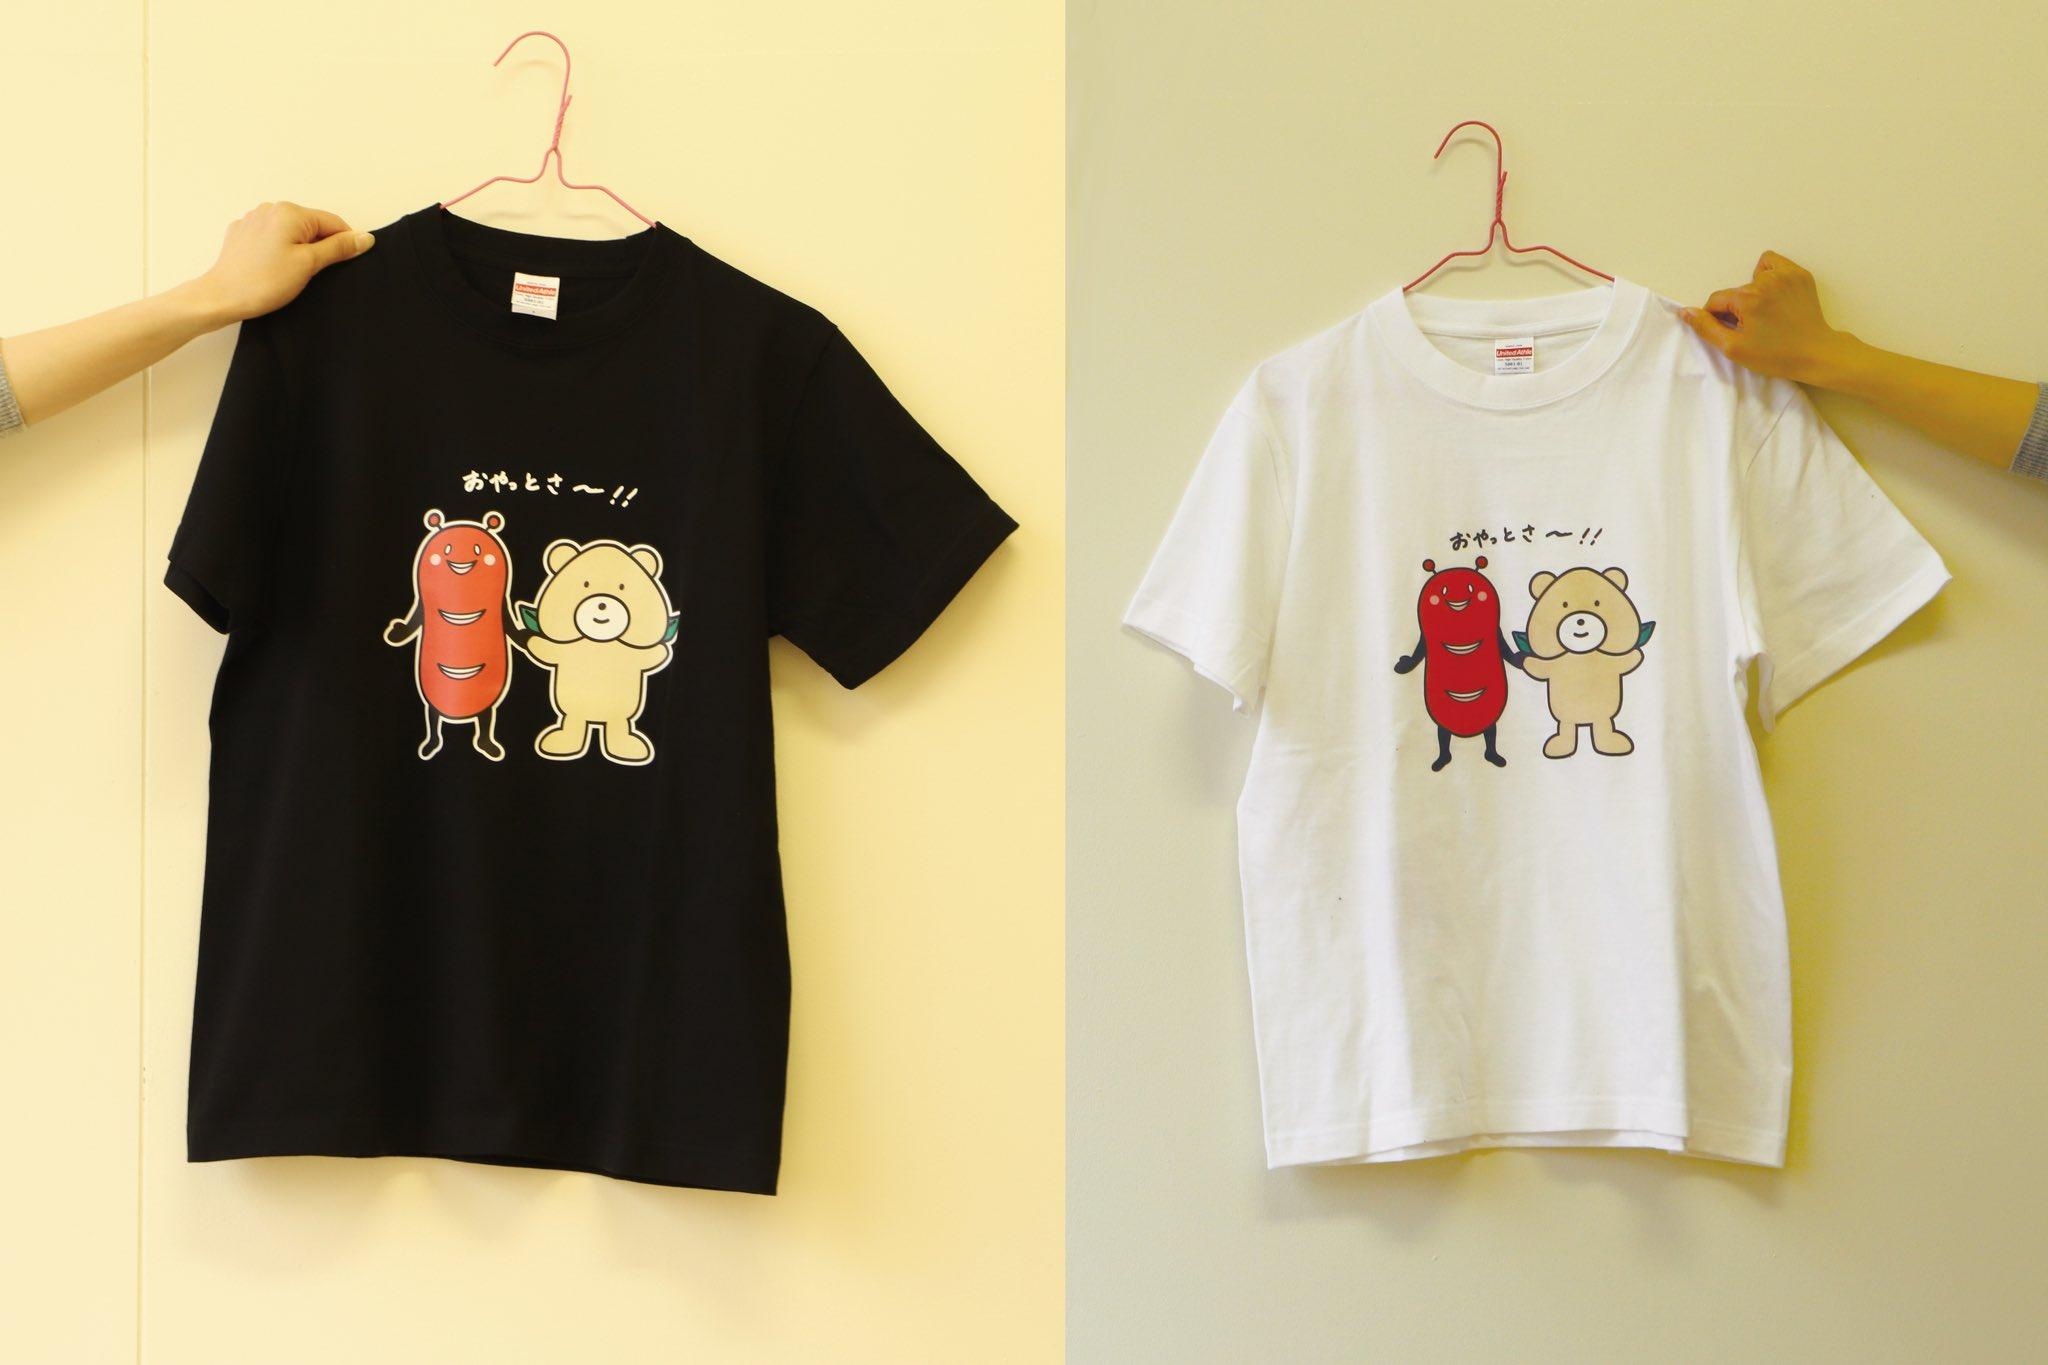 大園桃子デザイン そお星人&ももくまコラボTシャツ